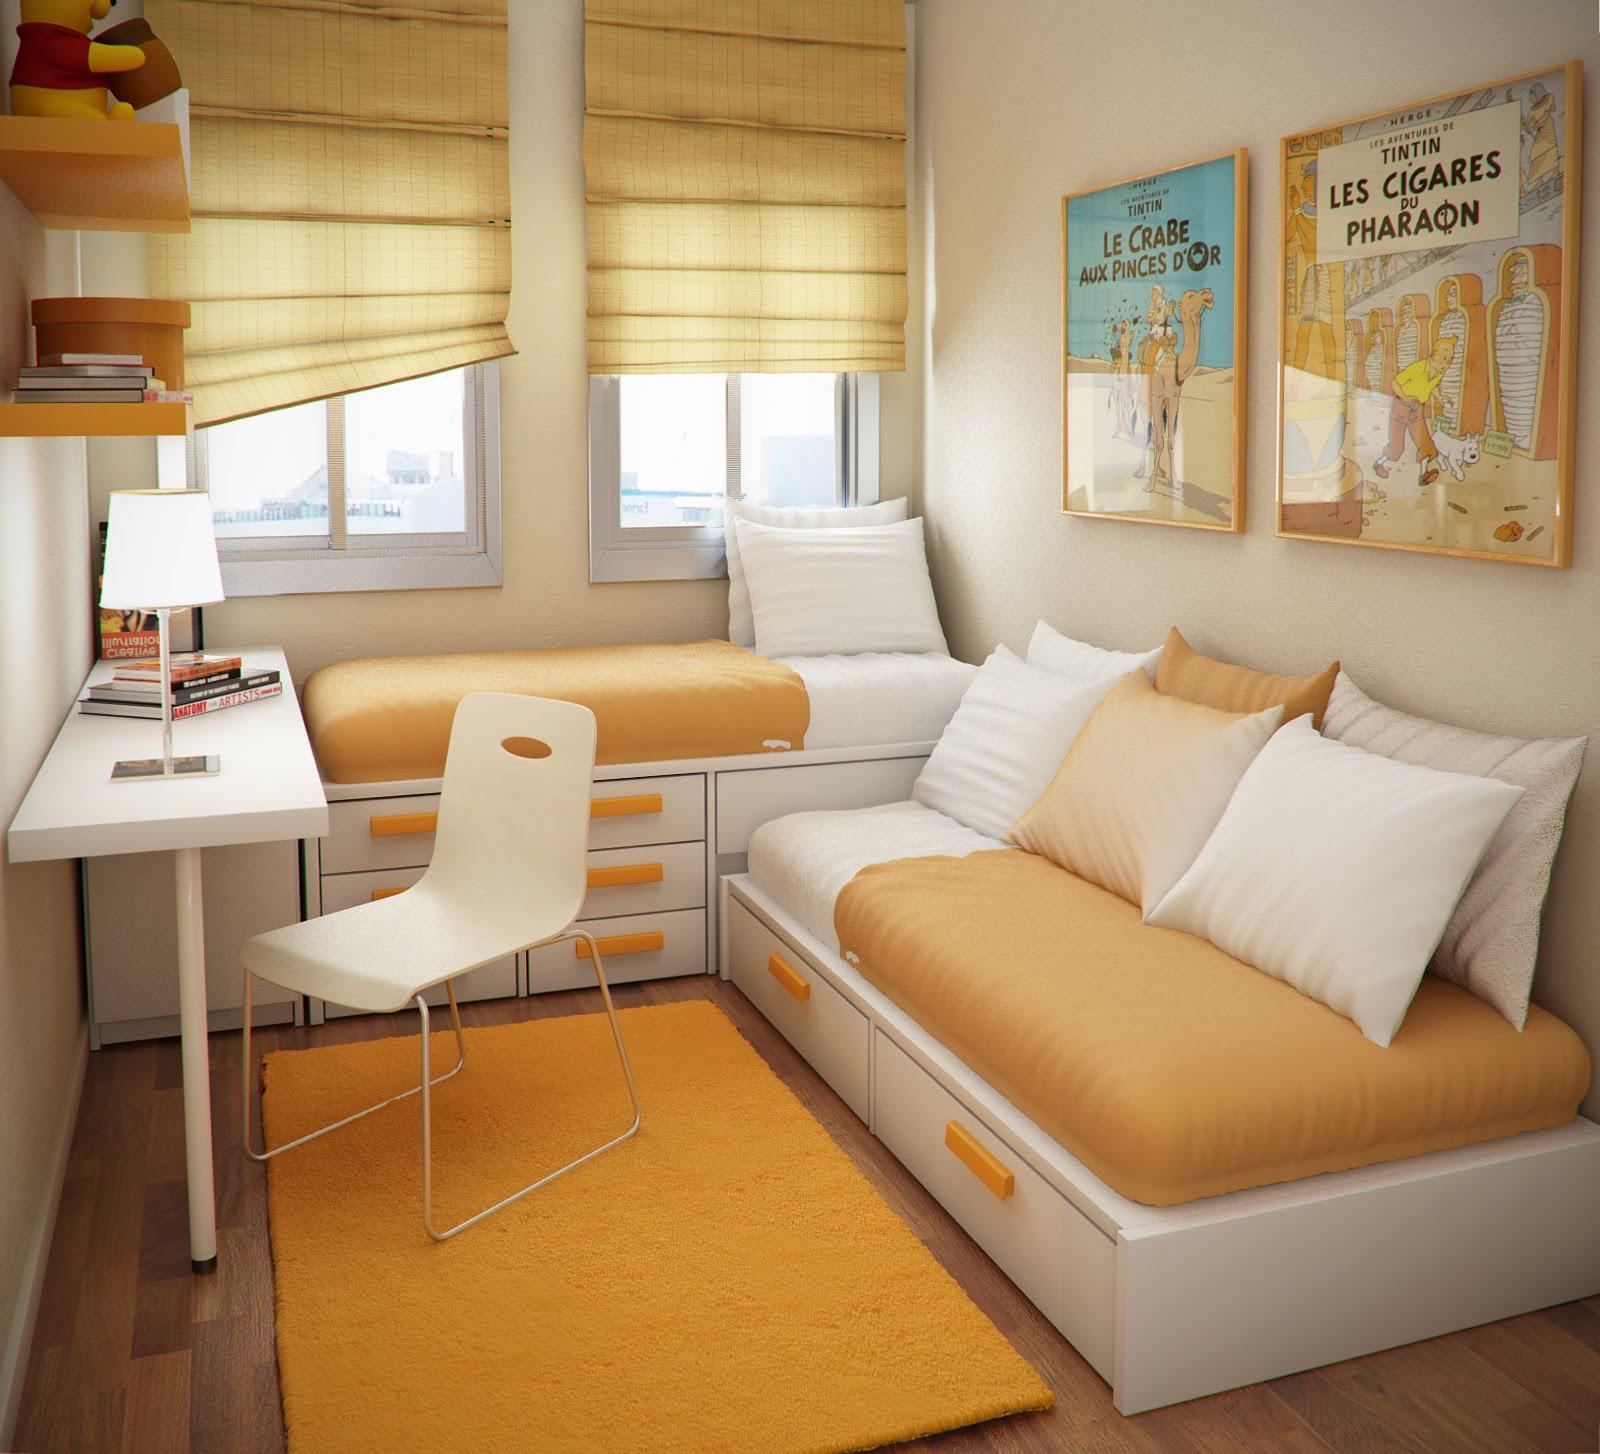 Ideias para renovar o quarto 2